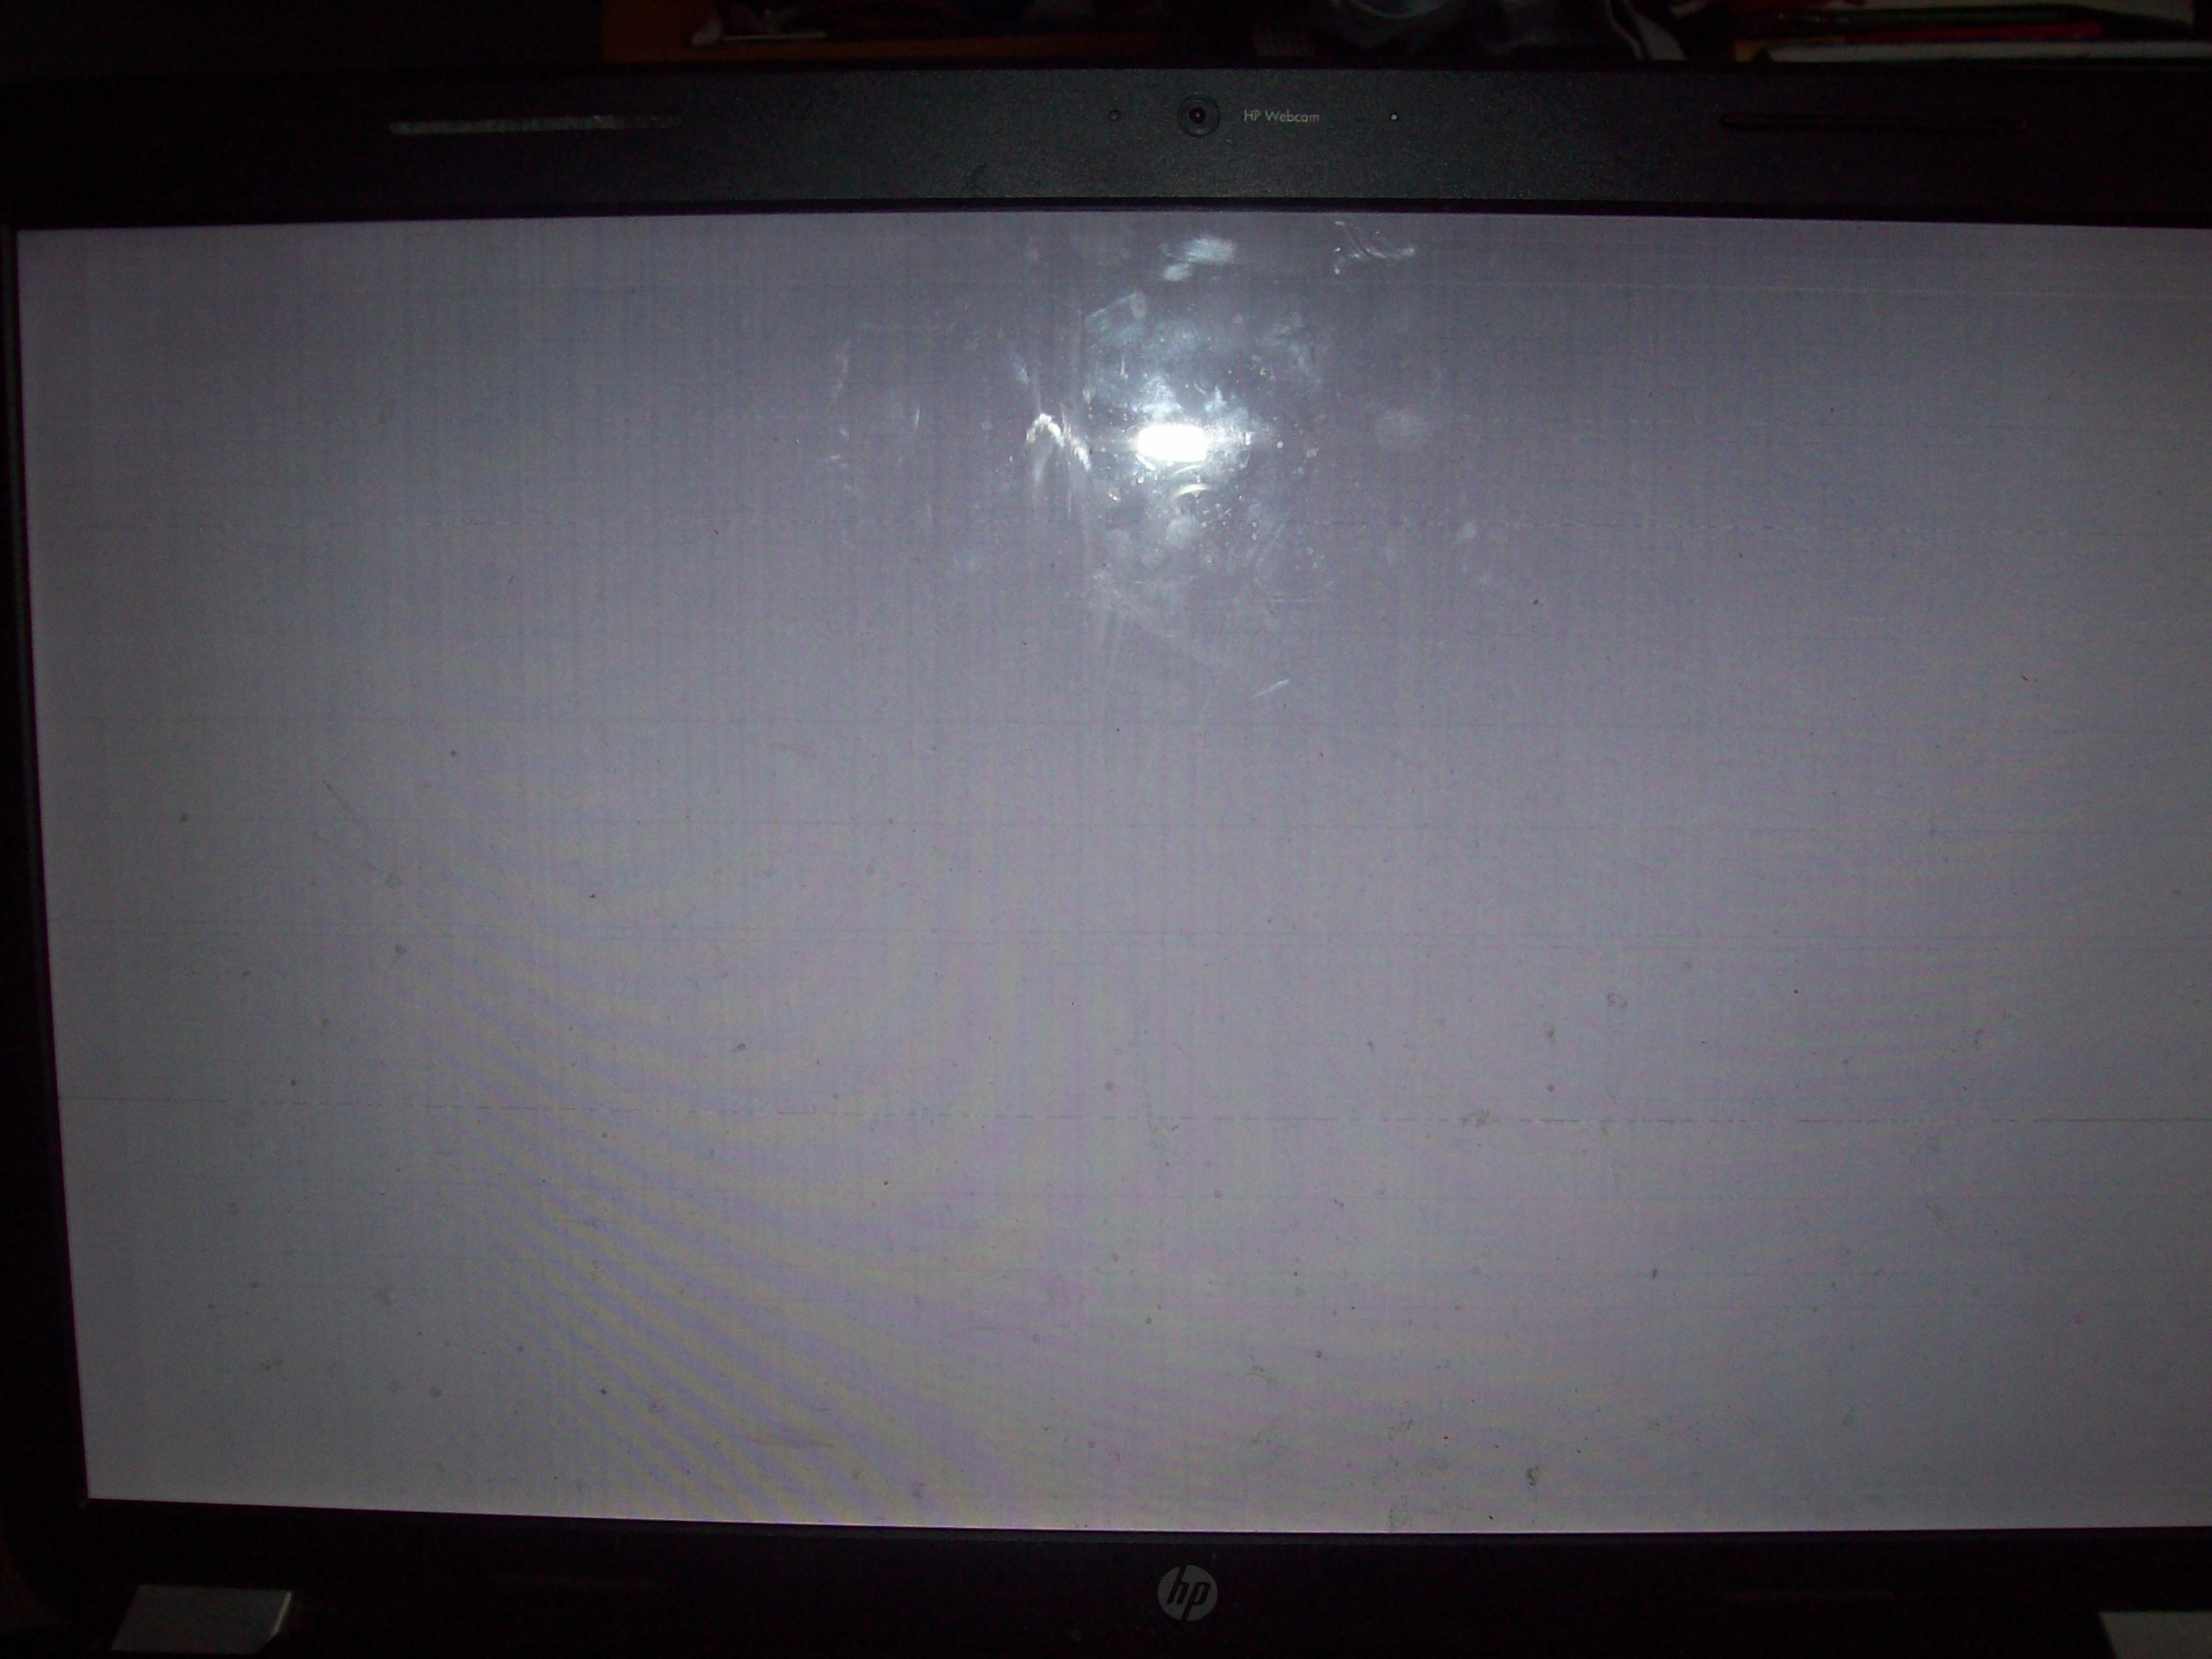 Hp g7 nieczytelny obraz tylko na ekranie, na monitorze ok.